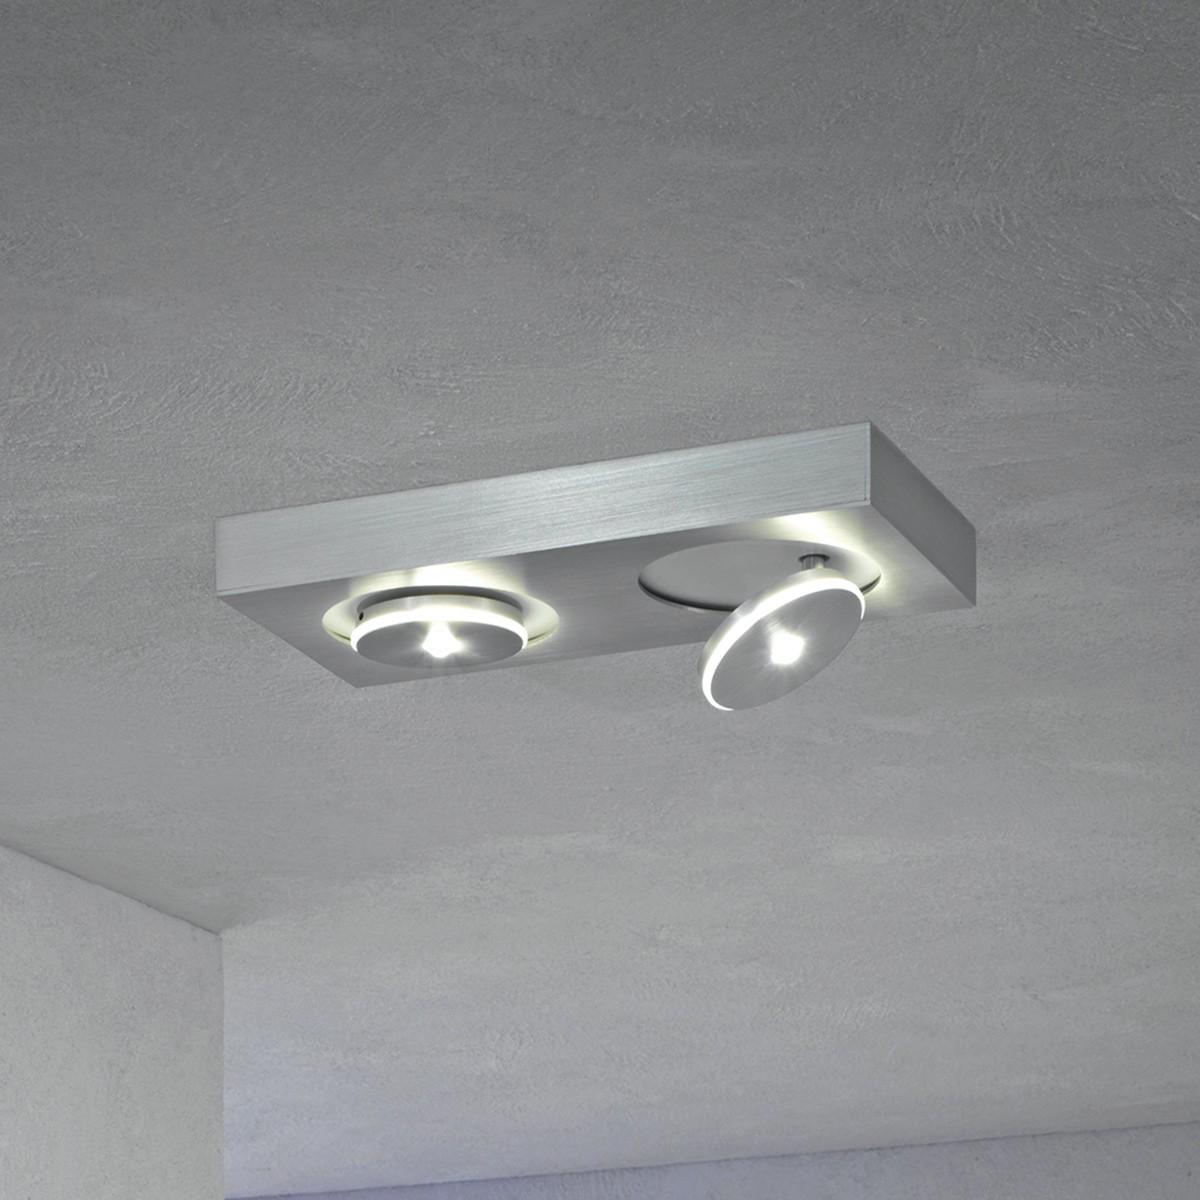 Escale Spot It LED Deckenleuchte, rechteckig, 2-flg., Aluminium geschliffen